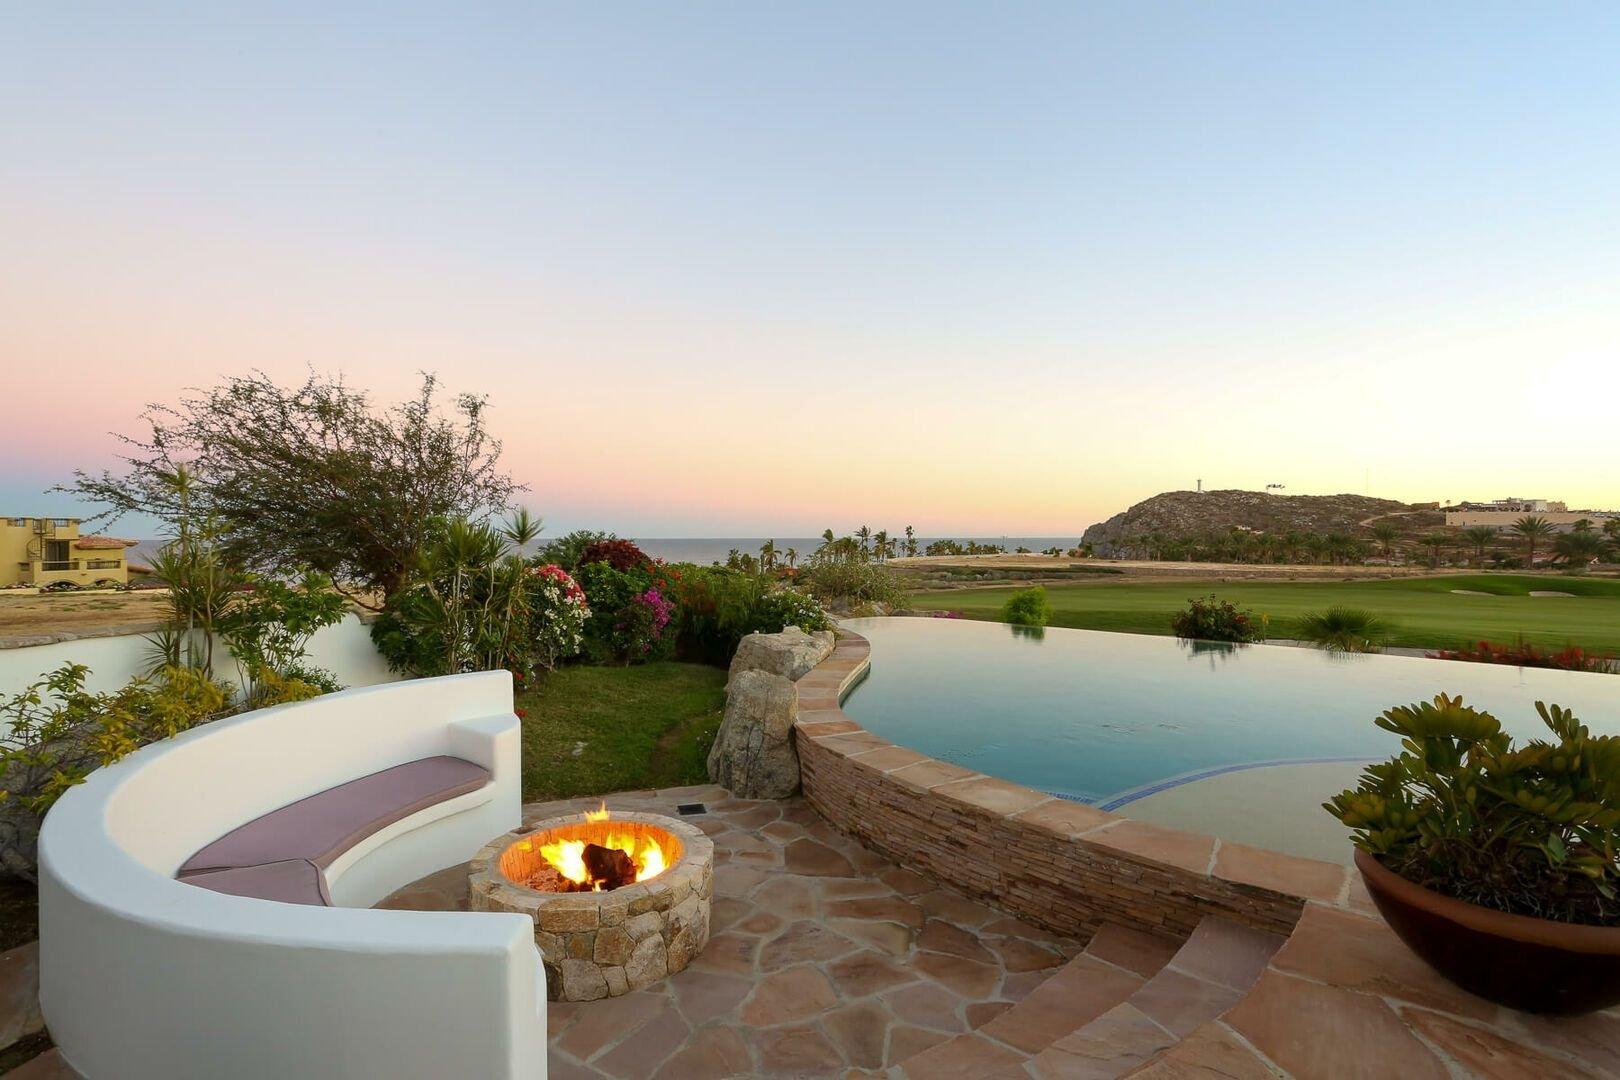 Luxury vacation rentals mexico - Los cabos - Cabo - Cabo delsol - Villa Solarena - Image 1/30